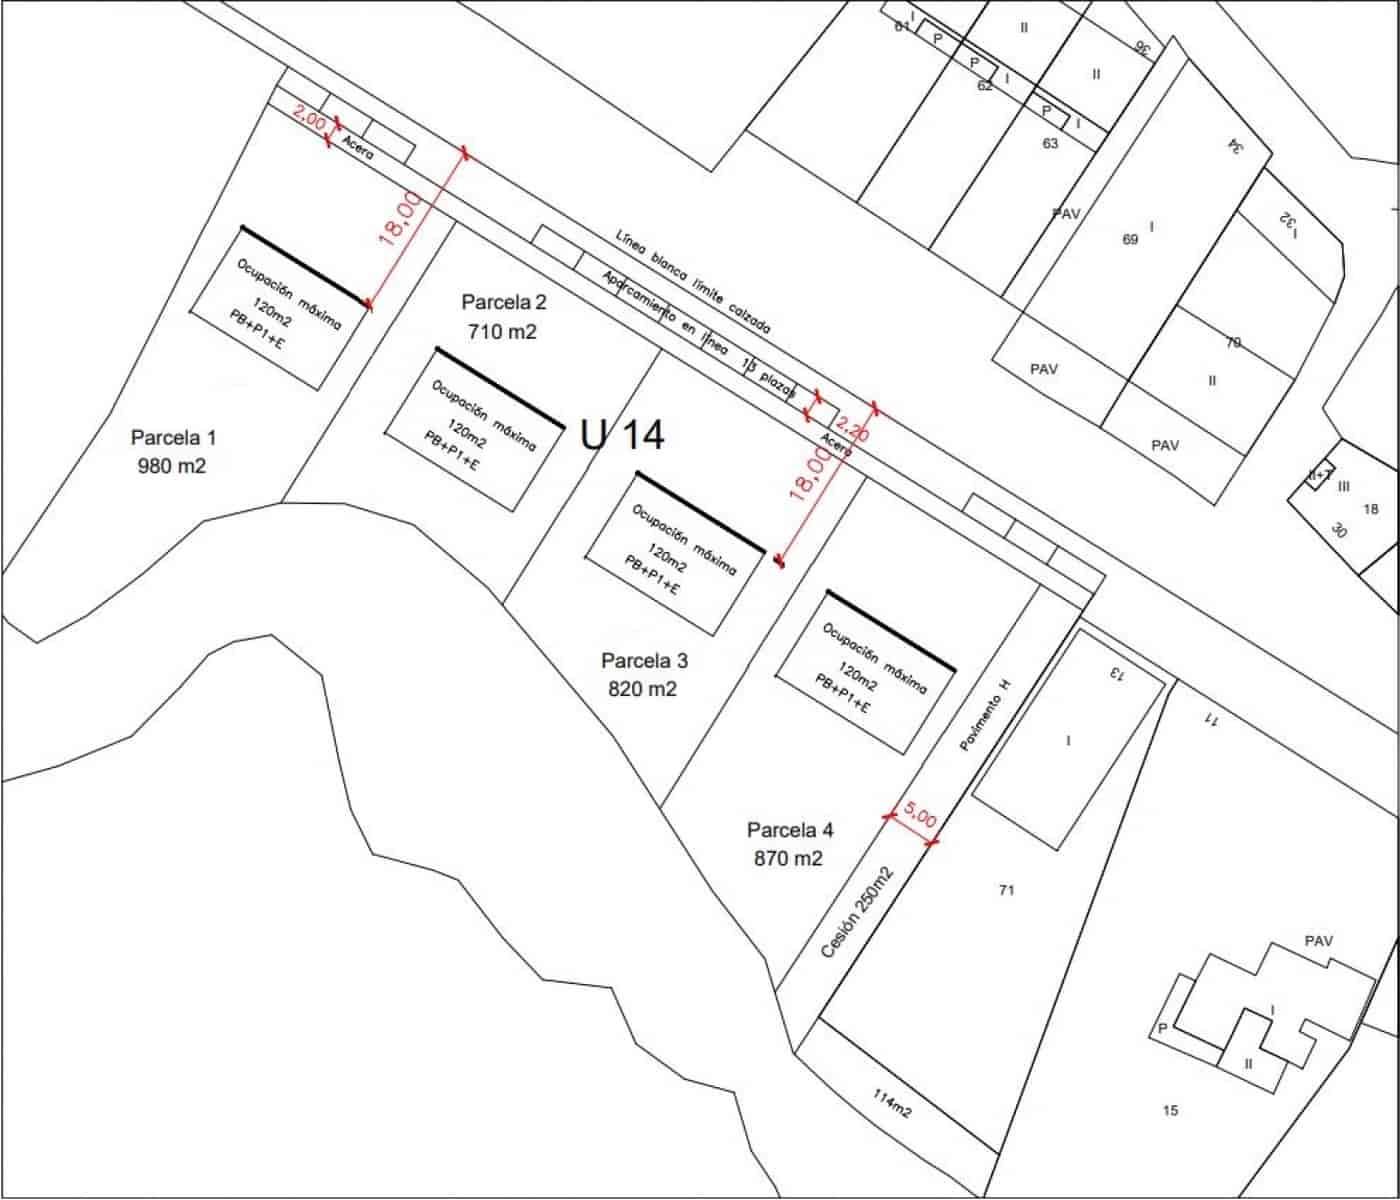 Działka budowlana na sprzedaż w Ibargoiti - 74 848 € (Ref: 5703544)